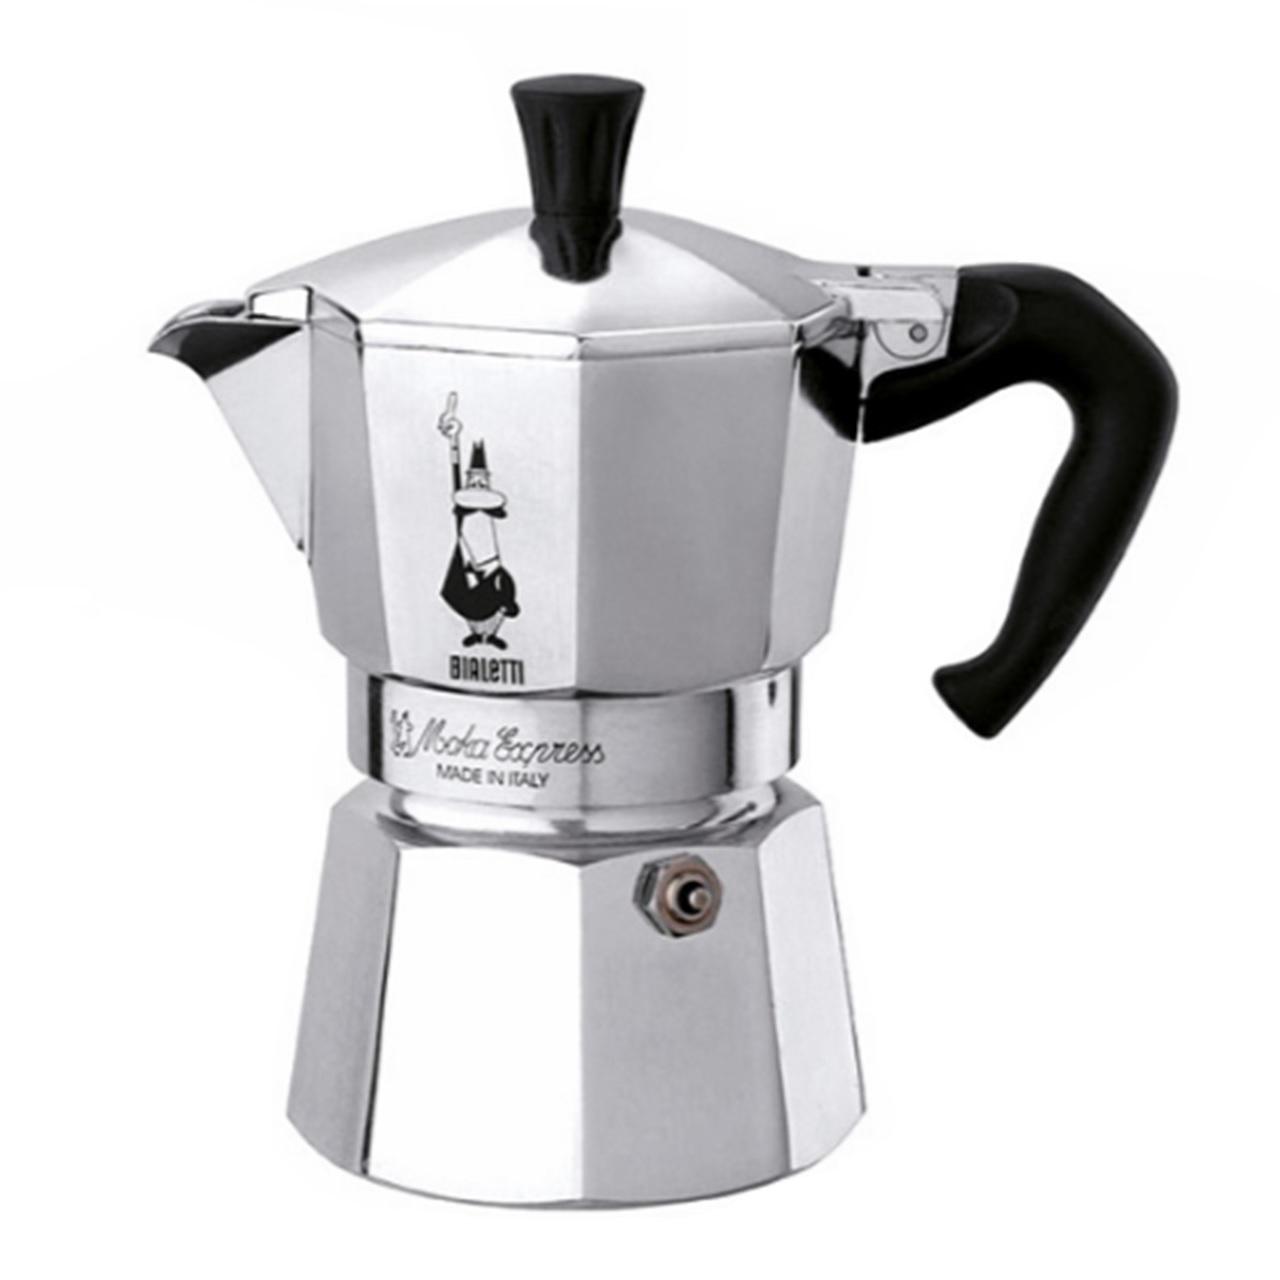 قهوه جوش بیالتی مدل موکا اکسپرس  کد 07